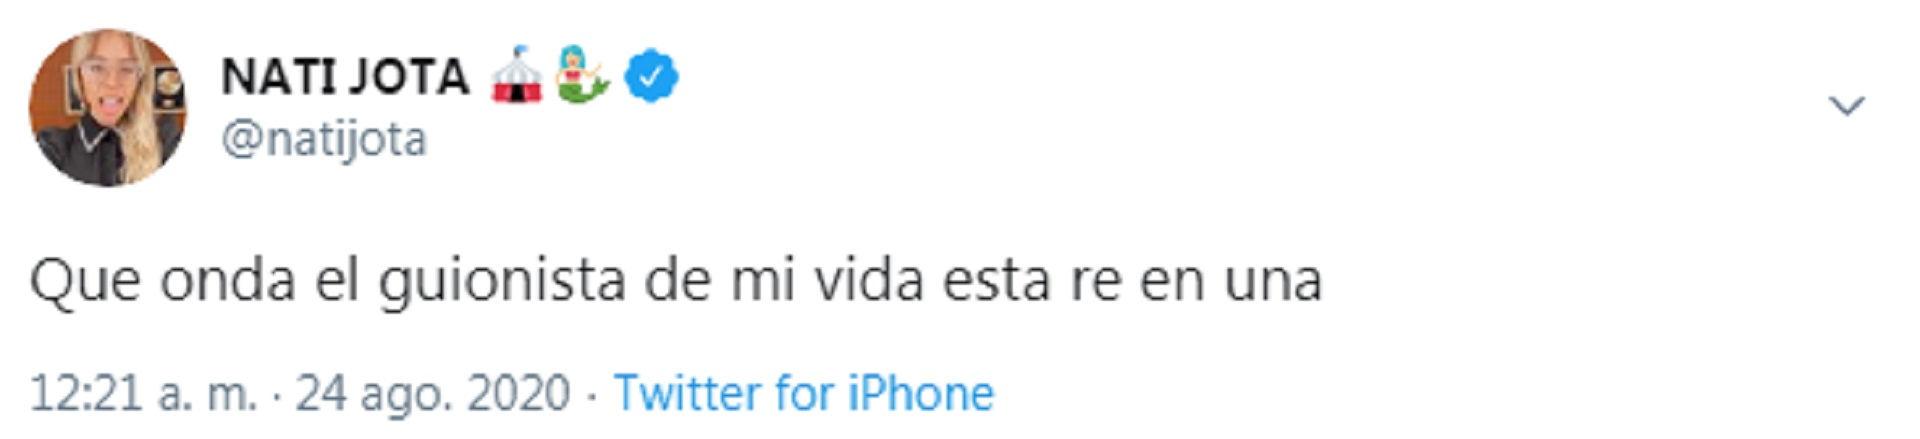 Los tuits de Nati Jota al enterarse que su ex está de novio con Ivana Nadal